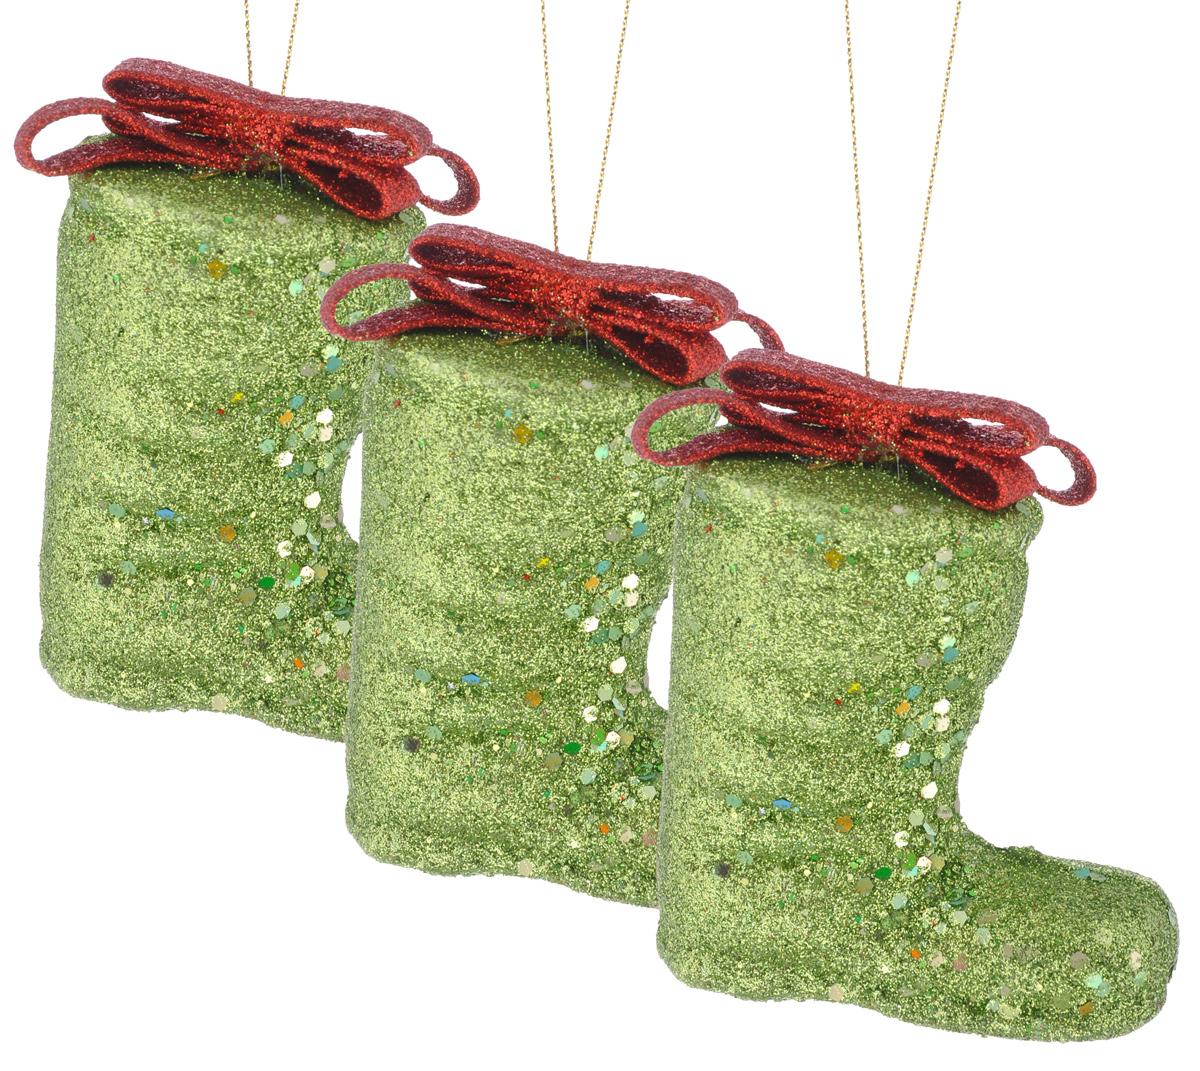 Набор елочных украшений EuroHouse Сапожок, цвет: зеленый, красный, 8 см, 3 шт175784/дед_морозНабор новогодних елочных украшений EuroHouse Сапожок прекрасно подойдет для праздничного декора новогодней ели. Набор состоит из 3 пластиковых украшений в виде сапожков, оформленных блестками и бантиками. Для удобного размещения на елке для каждого украшения предусмотрена текстильная петелька. Елочная игрушка - символ Нового года. Она несет в себе волшебство и красоту праздника. Создайте в своем доме атмосферу веселья и радости, украшая новогоднюю елку нарядными игрушками, которые будут из года в год накапливать теплоту воспоминаний. Откройте для себя удивительный мир сказок и грез. Почувствуйте волшебные минуты ожидания праздника, создайте новогоднее настроение вашим дорогим и близким.Высота украшений: 8 см.